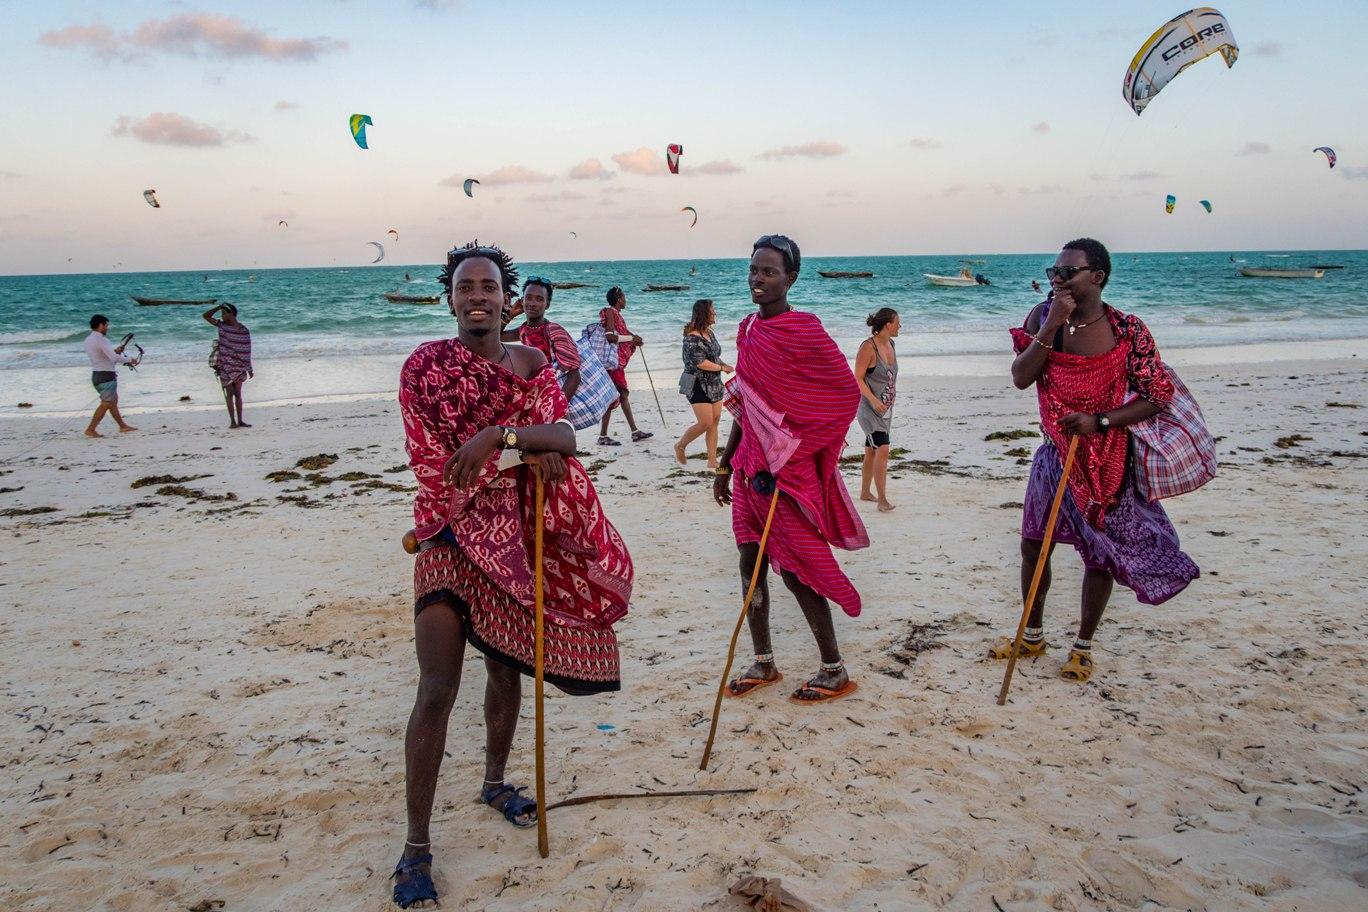 Paje beach in Zanzibar, the second most beautifull here.